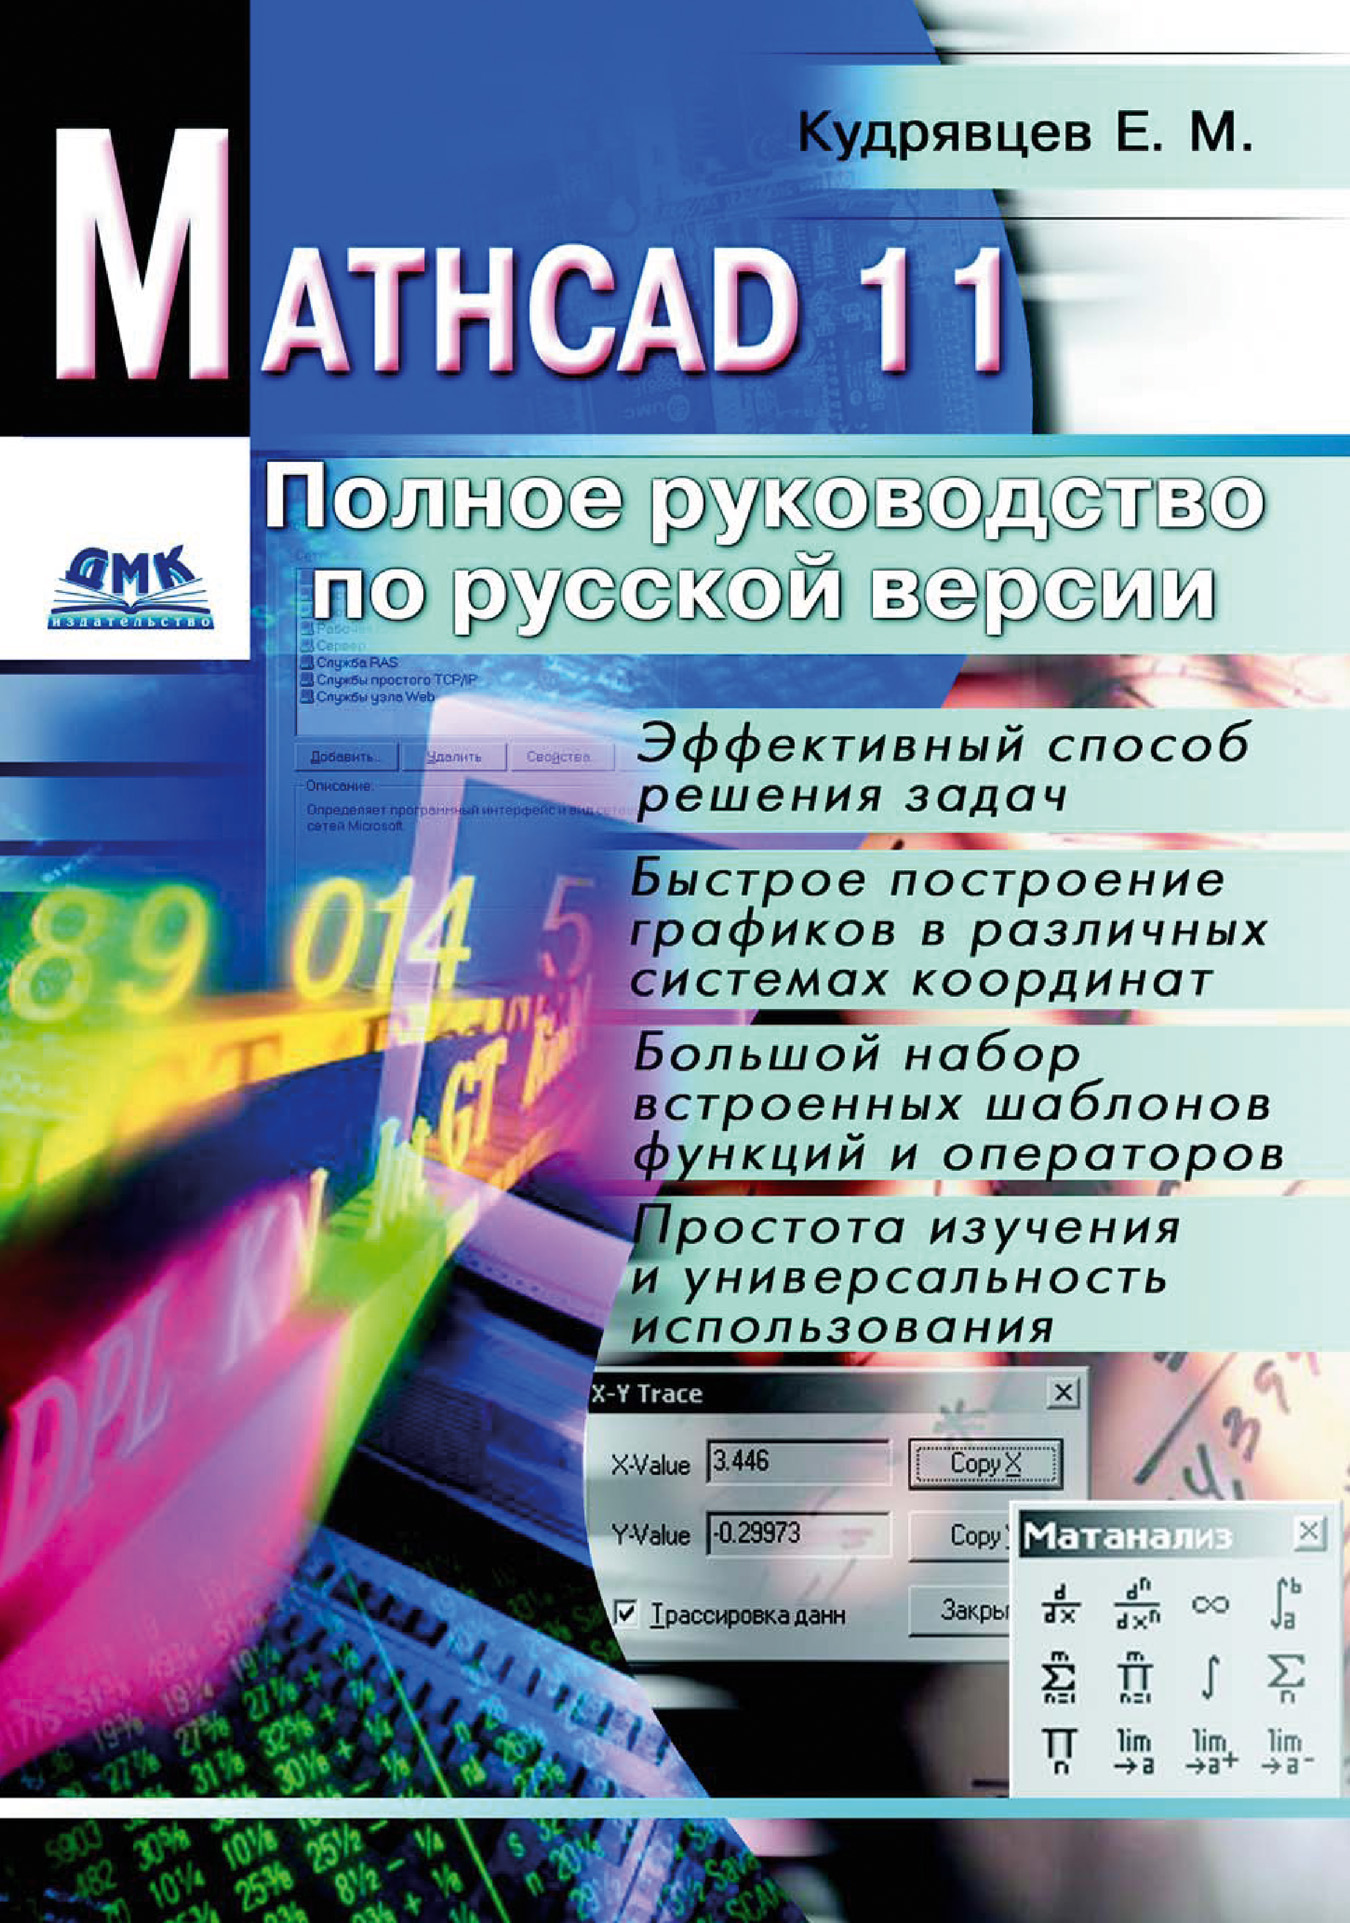 Евгений Кудрявцев «Mathcad 11: Полное руководство по русской версии»